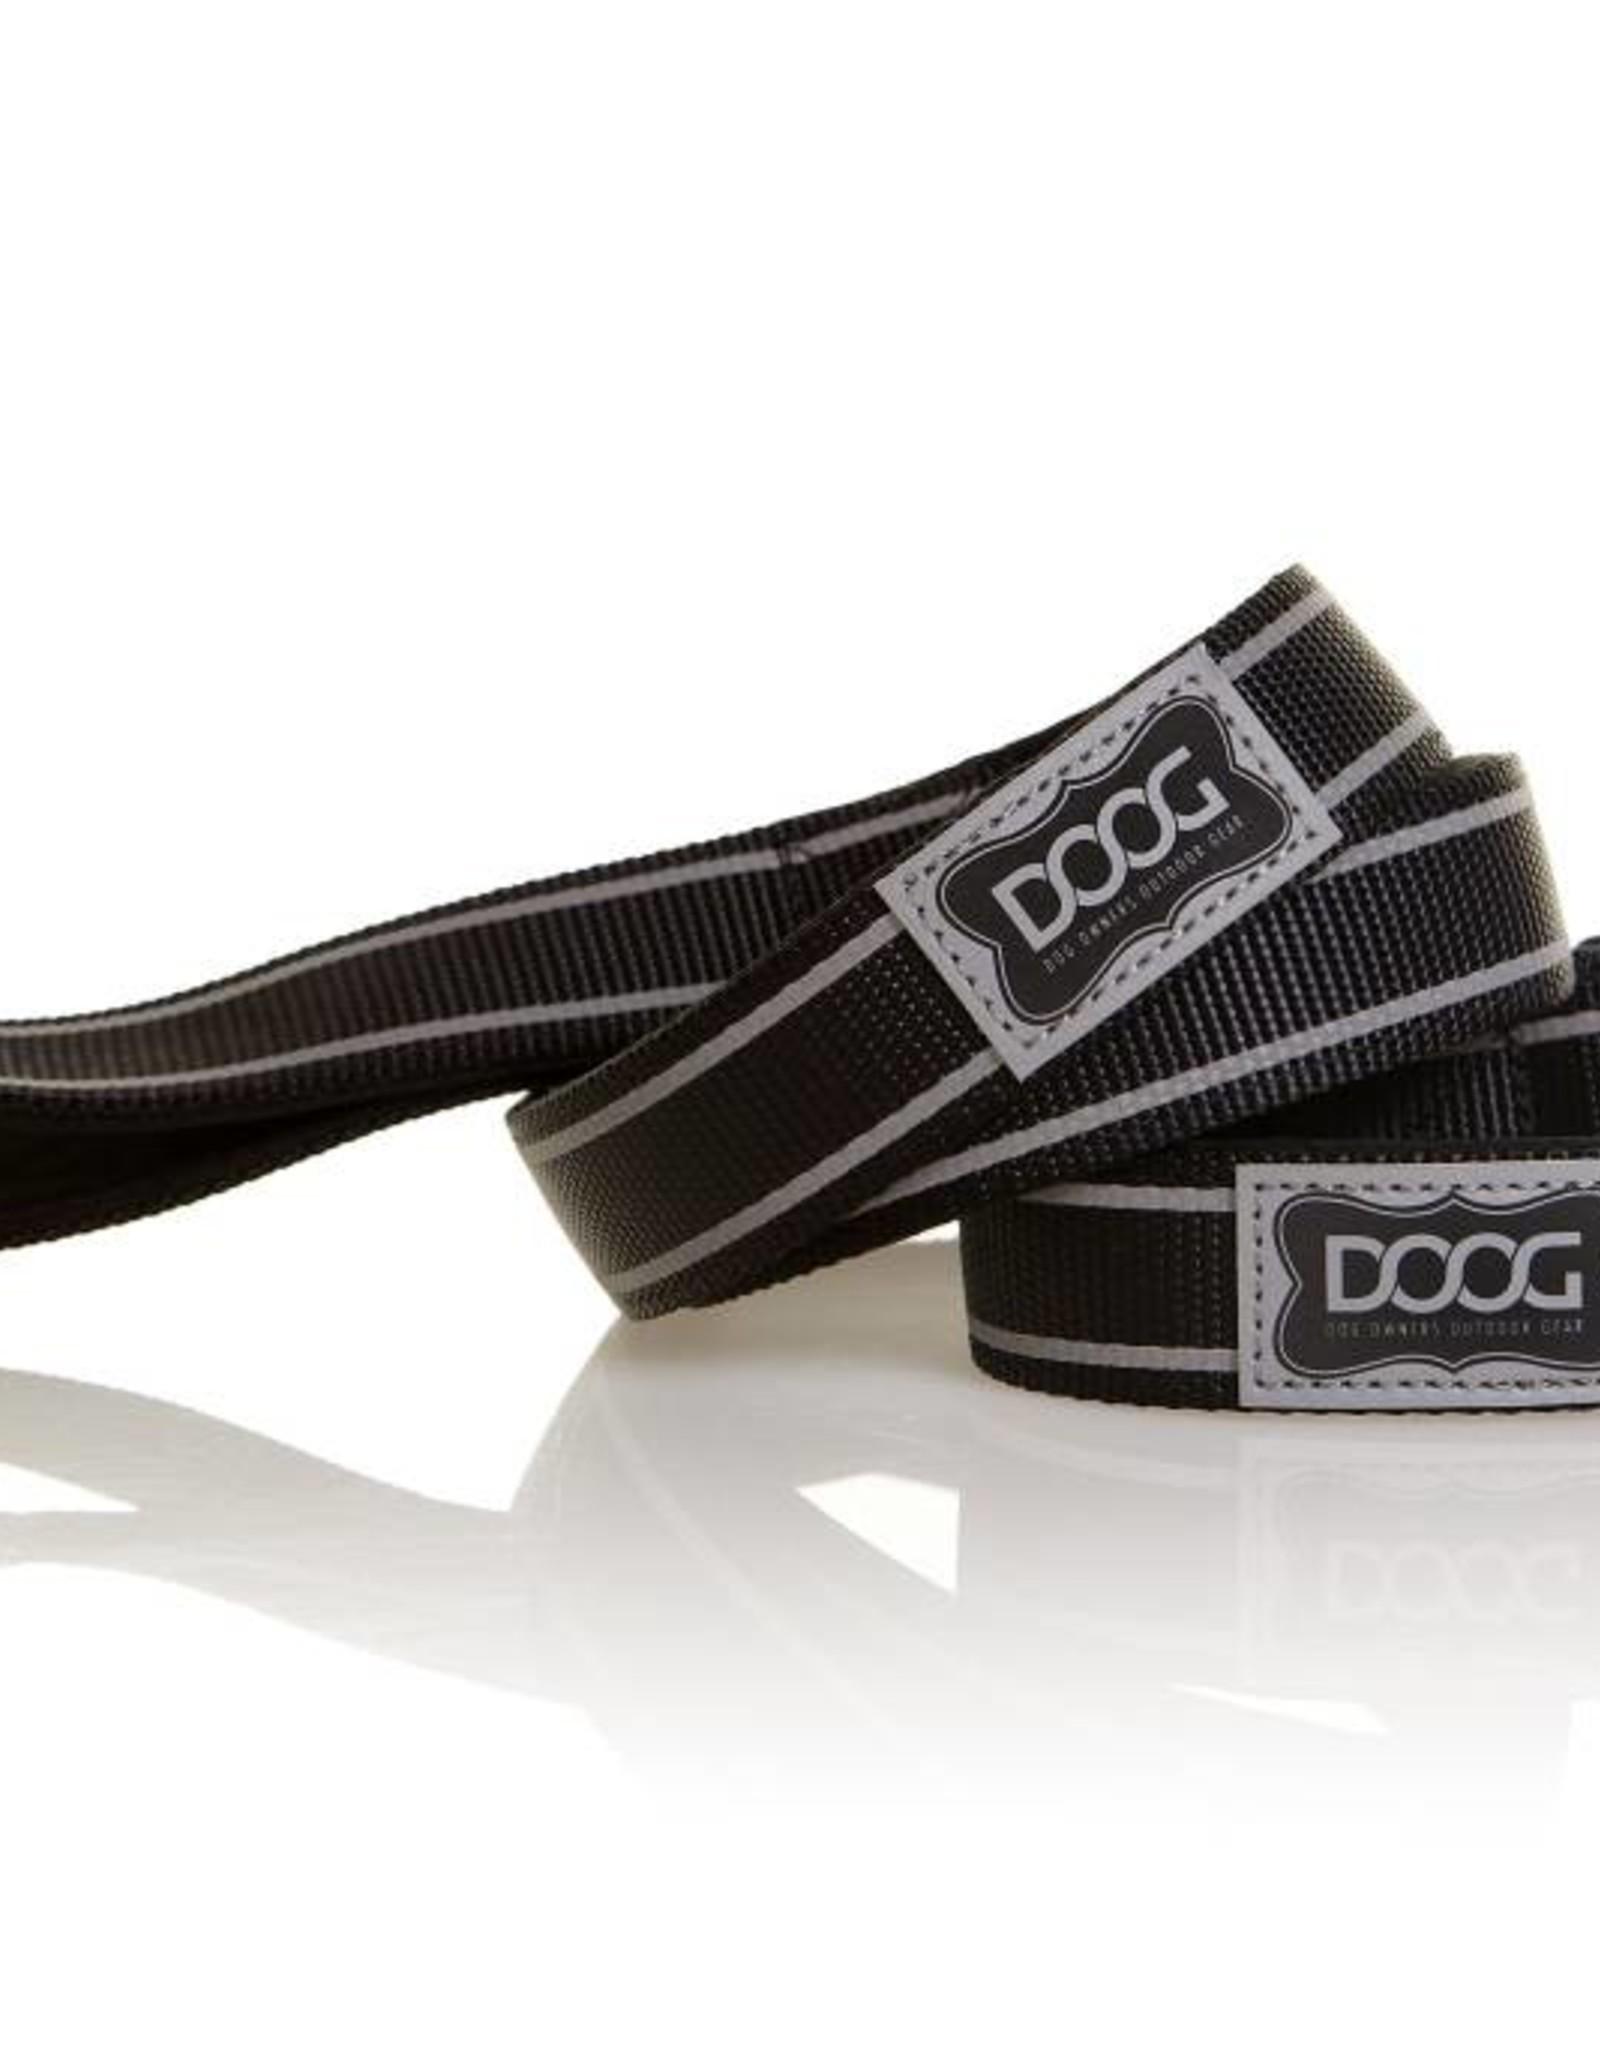 DOOG Doog | Dog Leash - Lassie